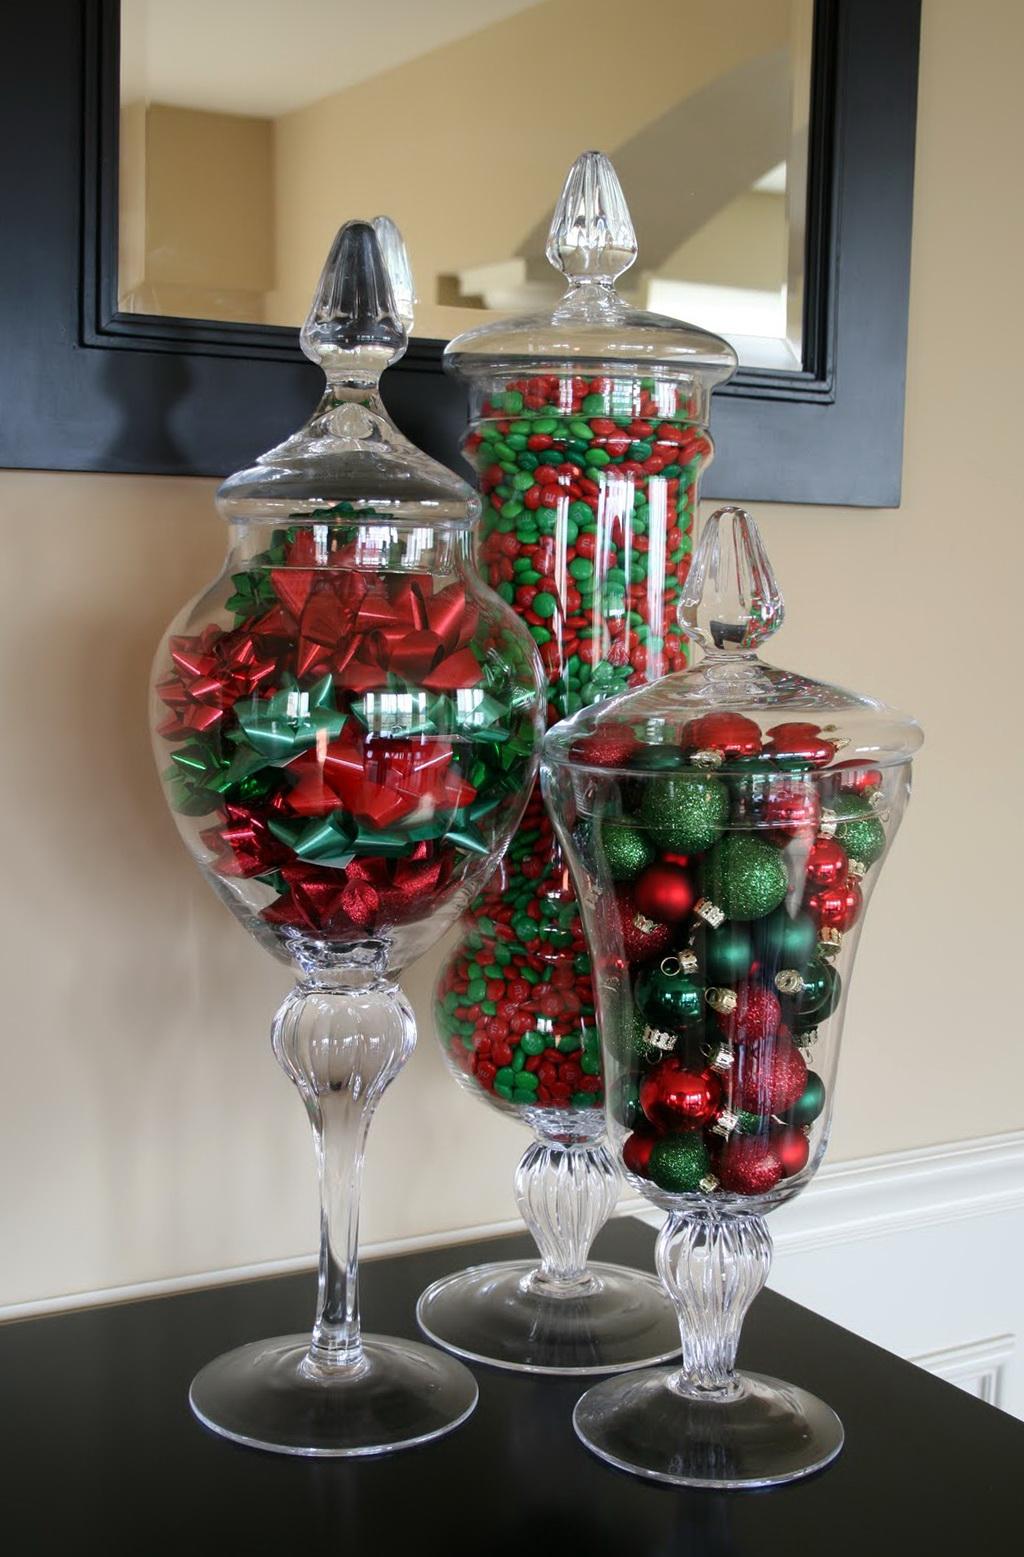 Vase Filler Ideas For Christmas